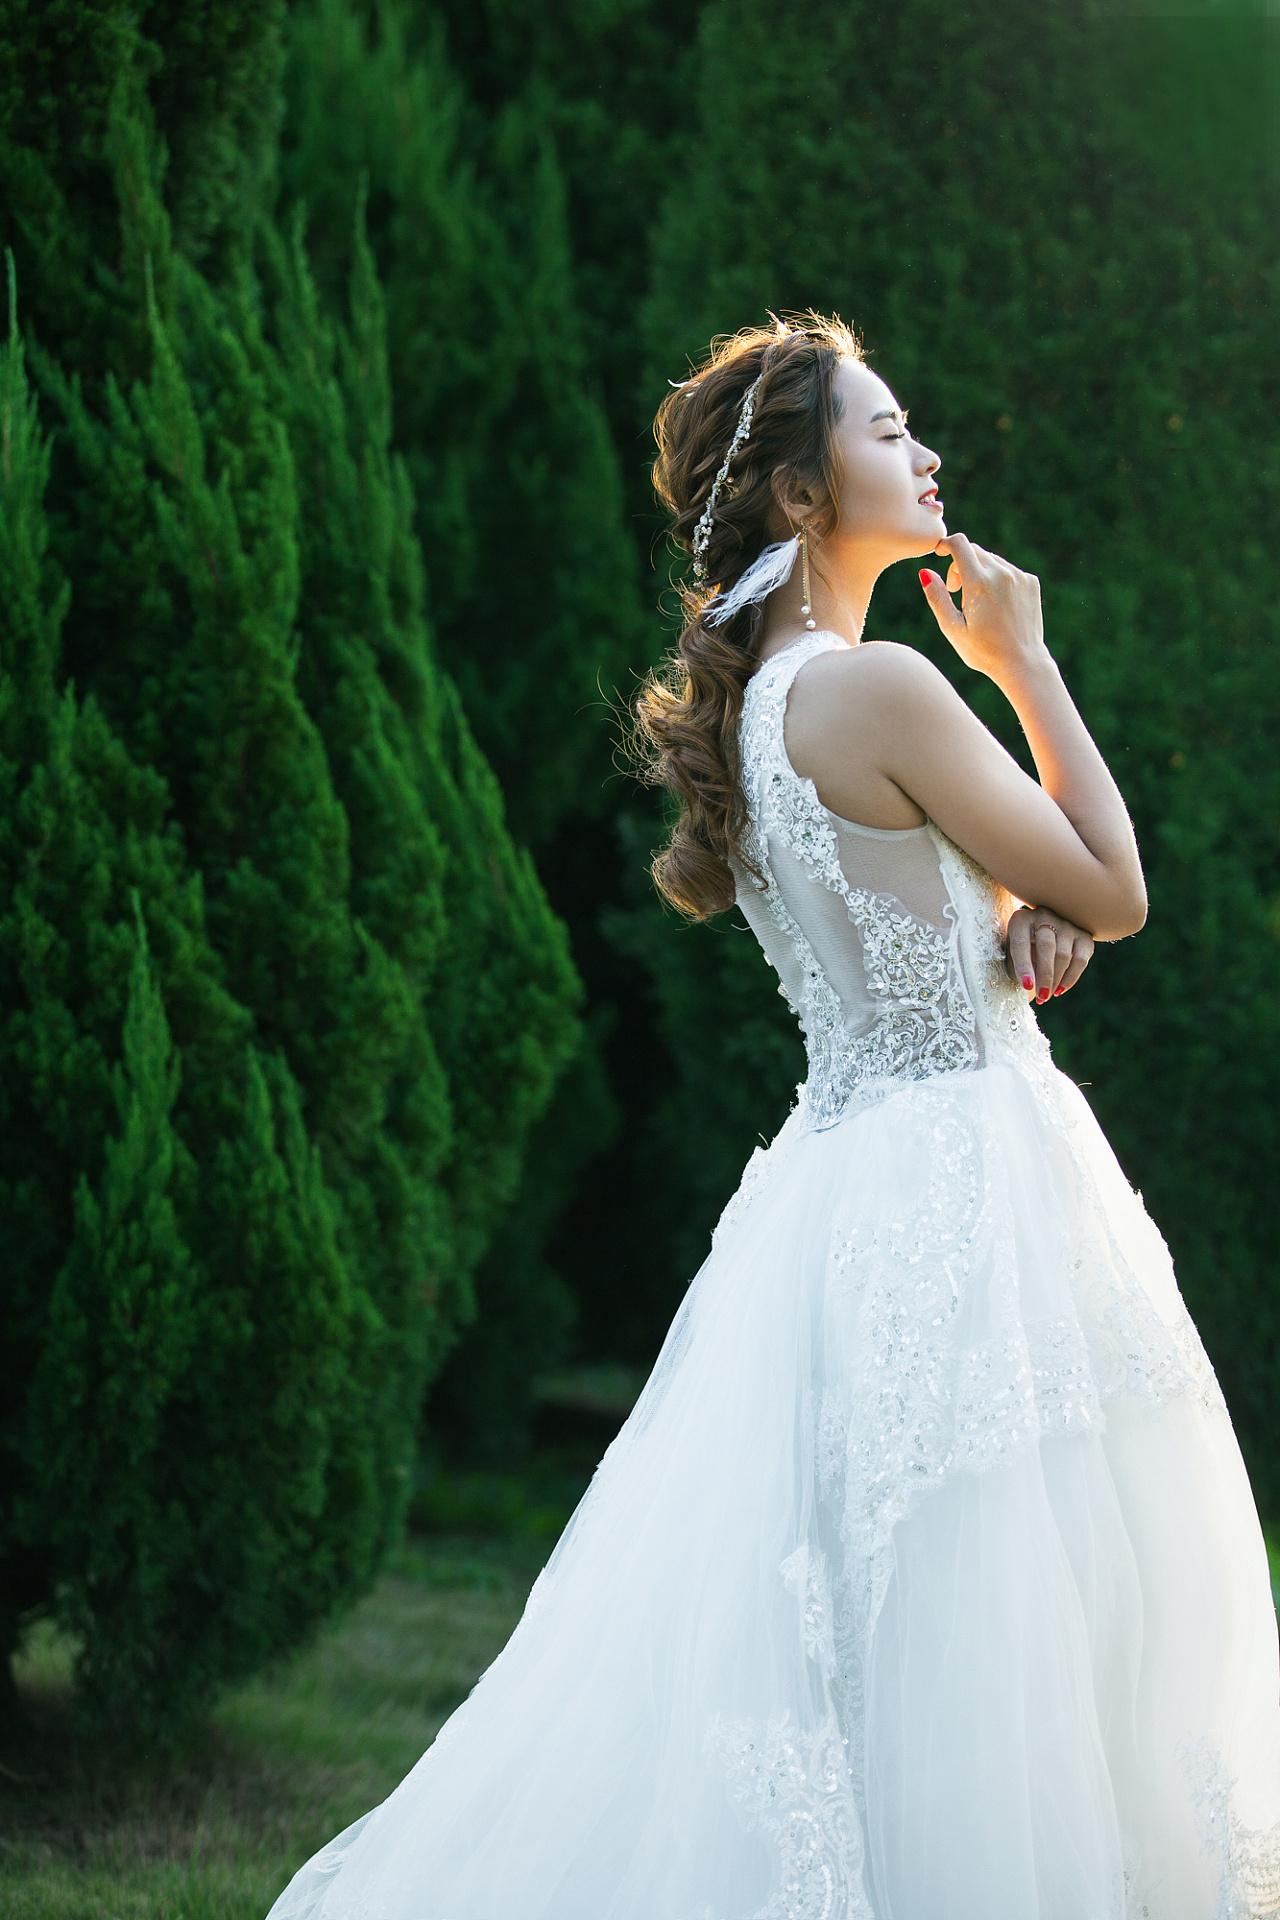 婚纱杭州_杭州婚纱摄影前十排行